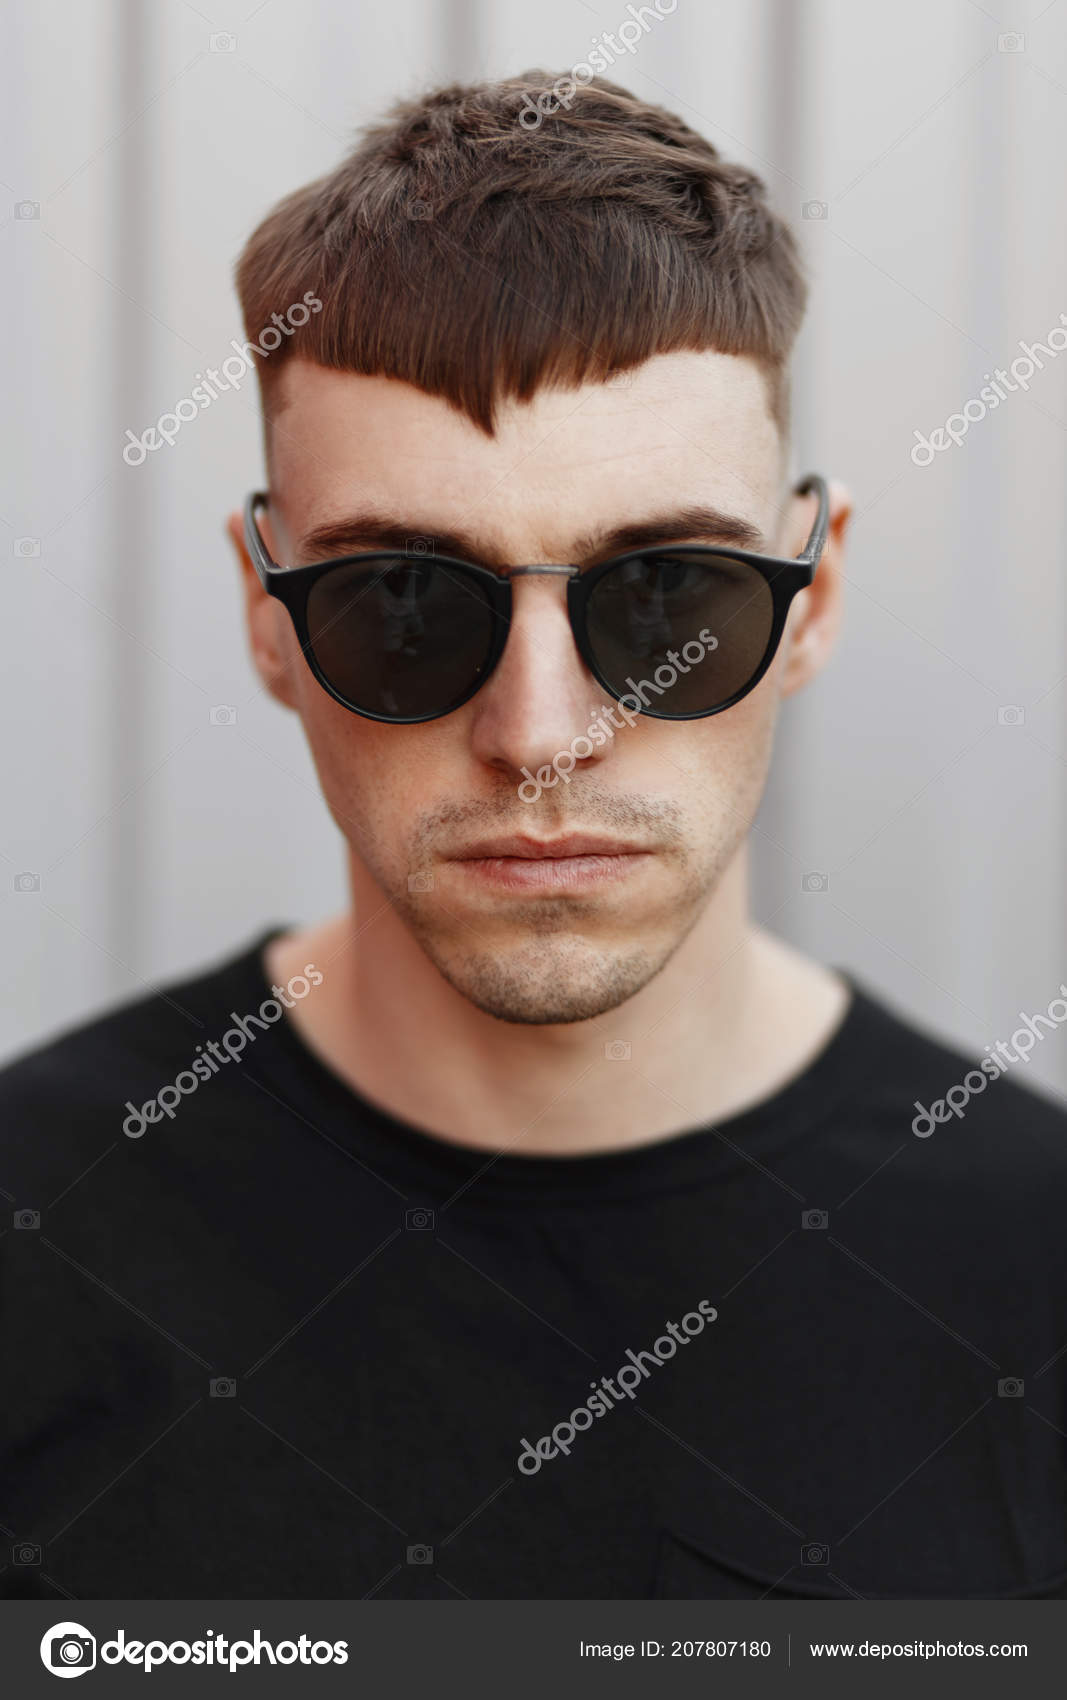 Retrato Moda Hombre Joven Modelo Con Peinado Gafas Sol Con Fotos